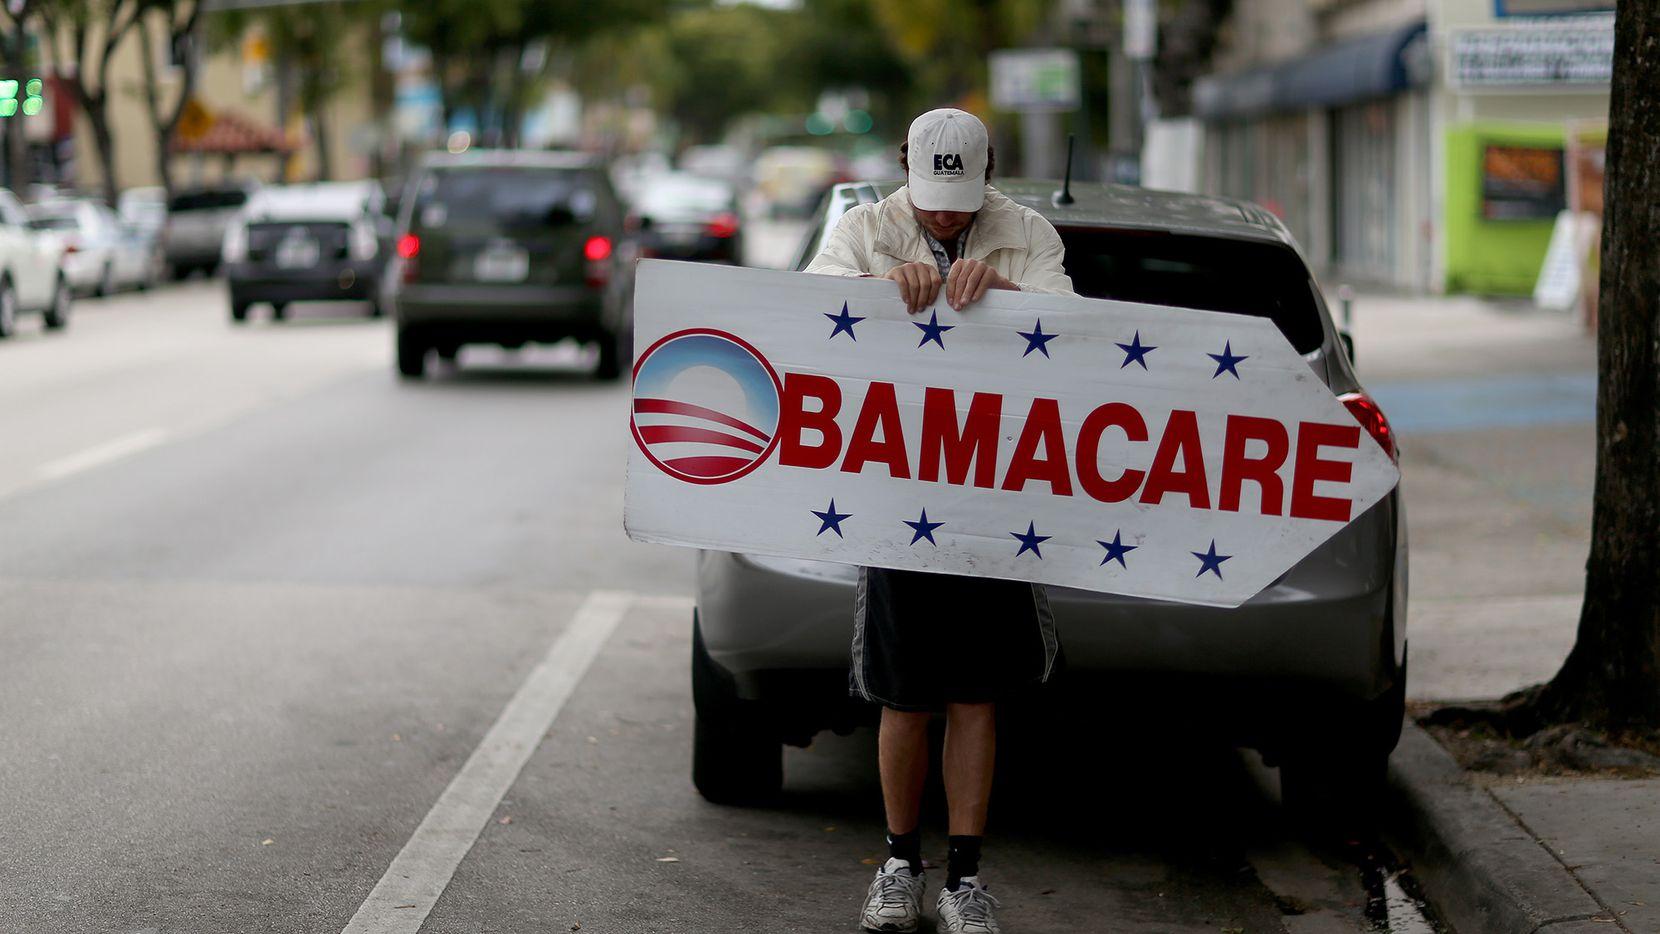 Tras pérdida de empleos, aumentaron las inscripciones en Estados Unidos al programa de salud conocido como Obamacare.